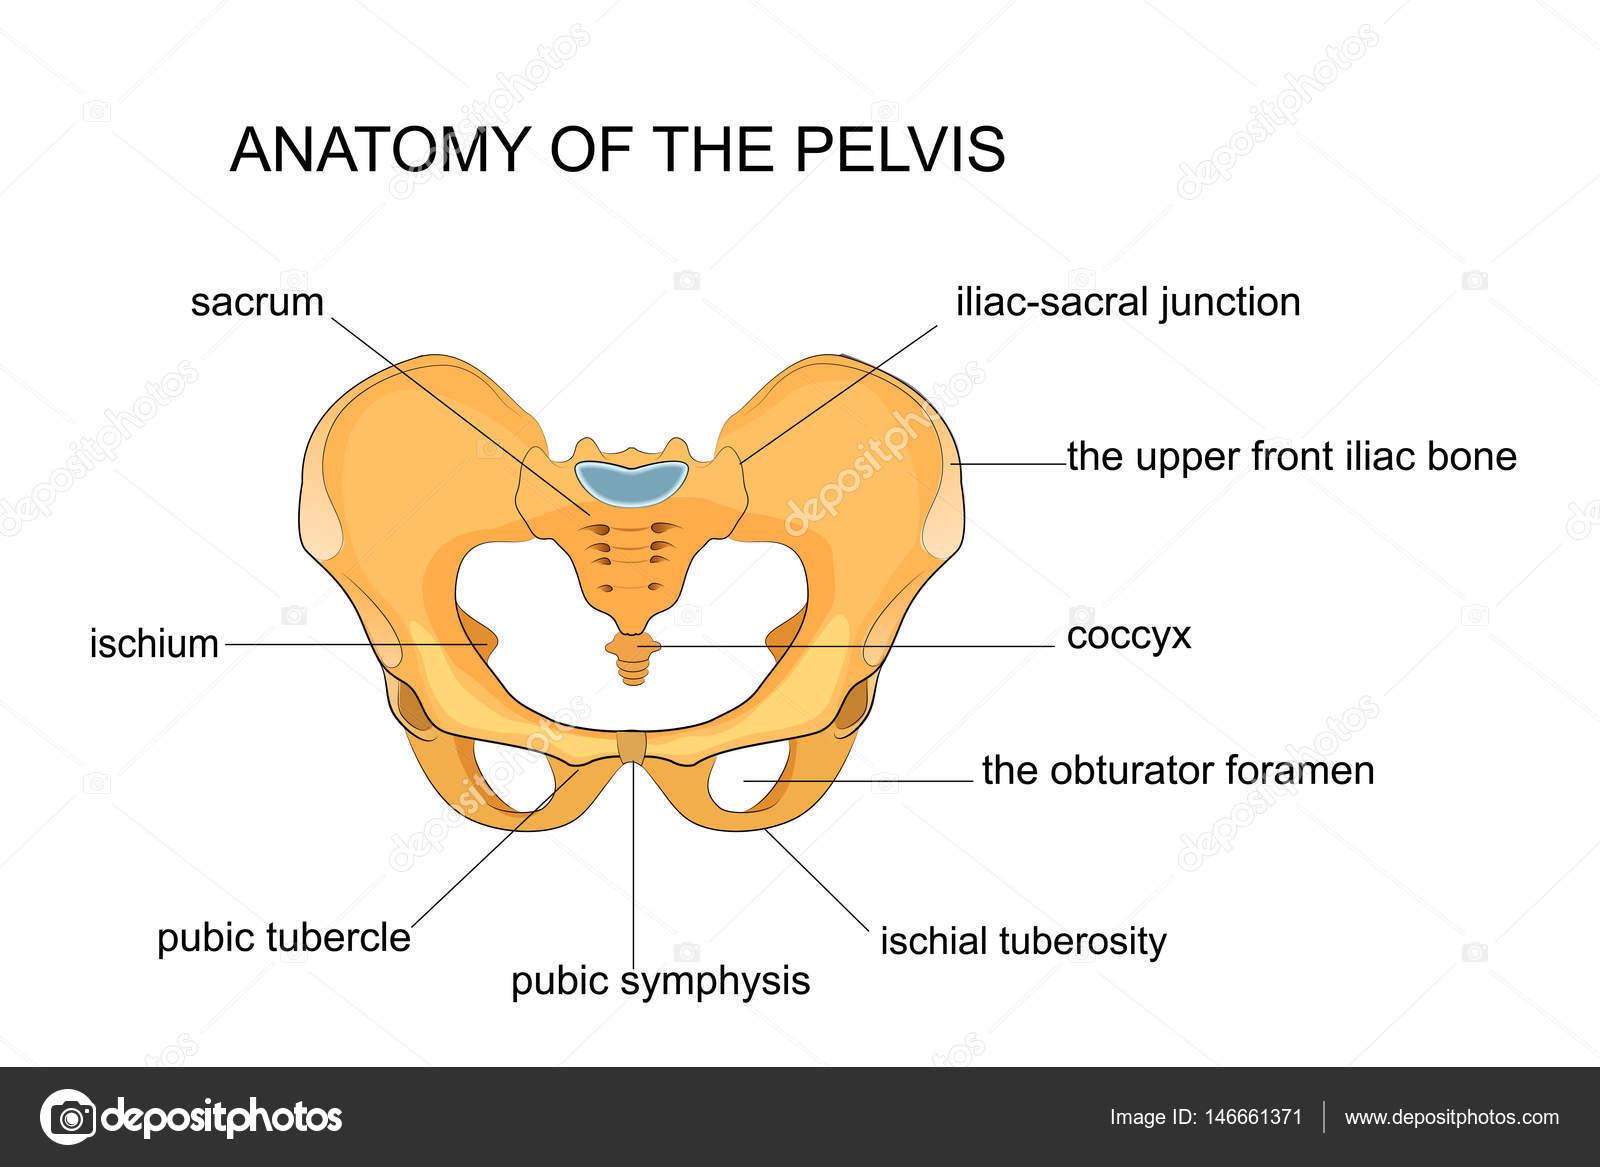 anatomie du pelvis — Image vectorielle Artemida-psy © #146661371